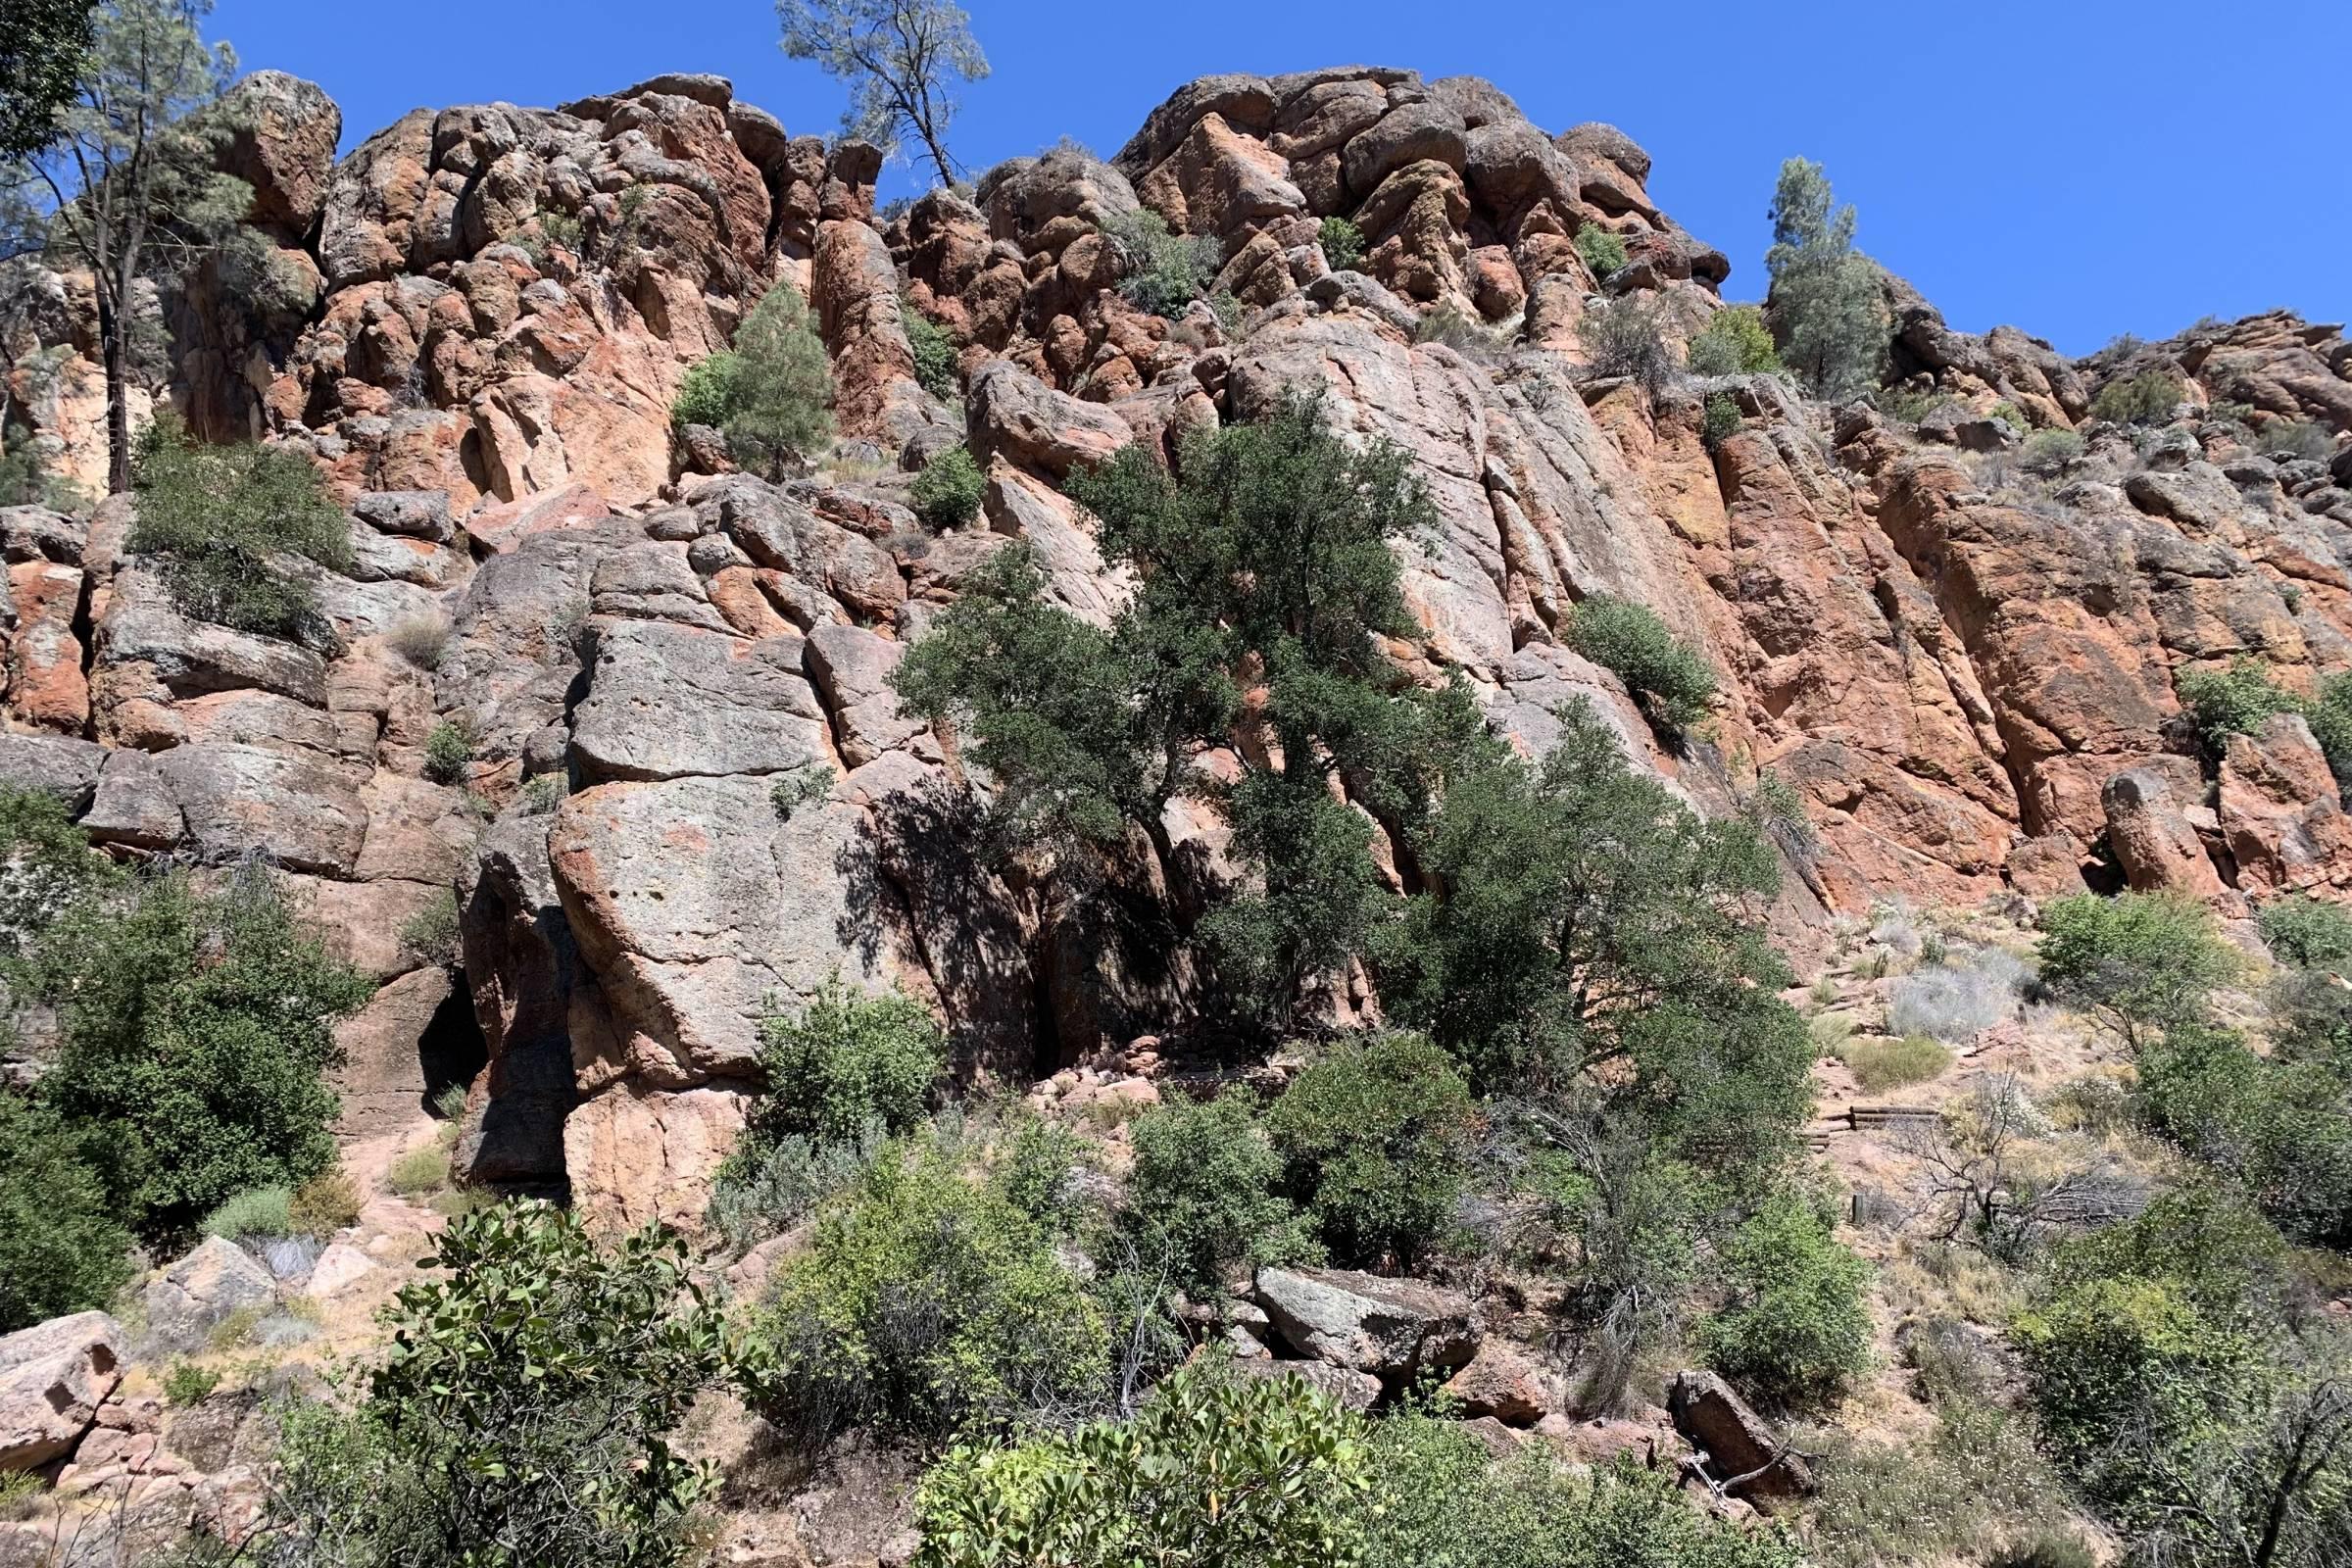 pinnacle rocks at pinnacles national park